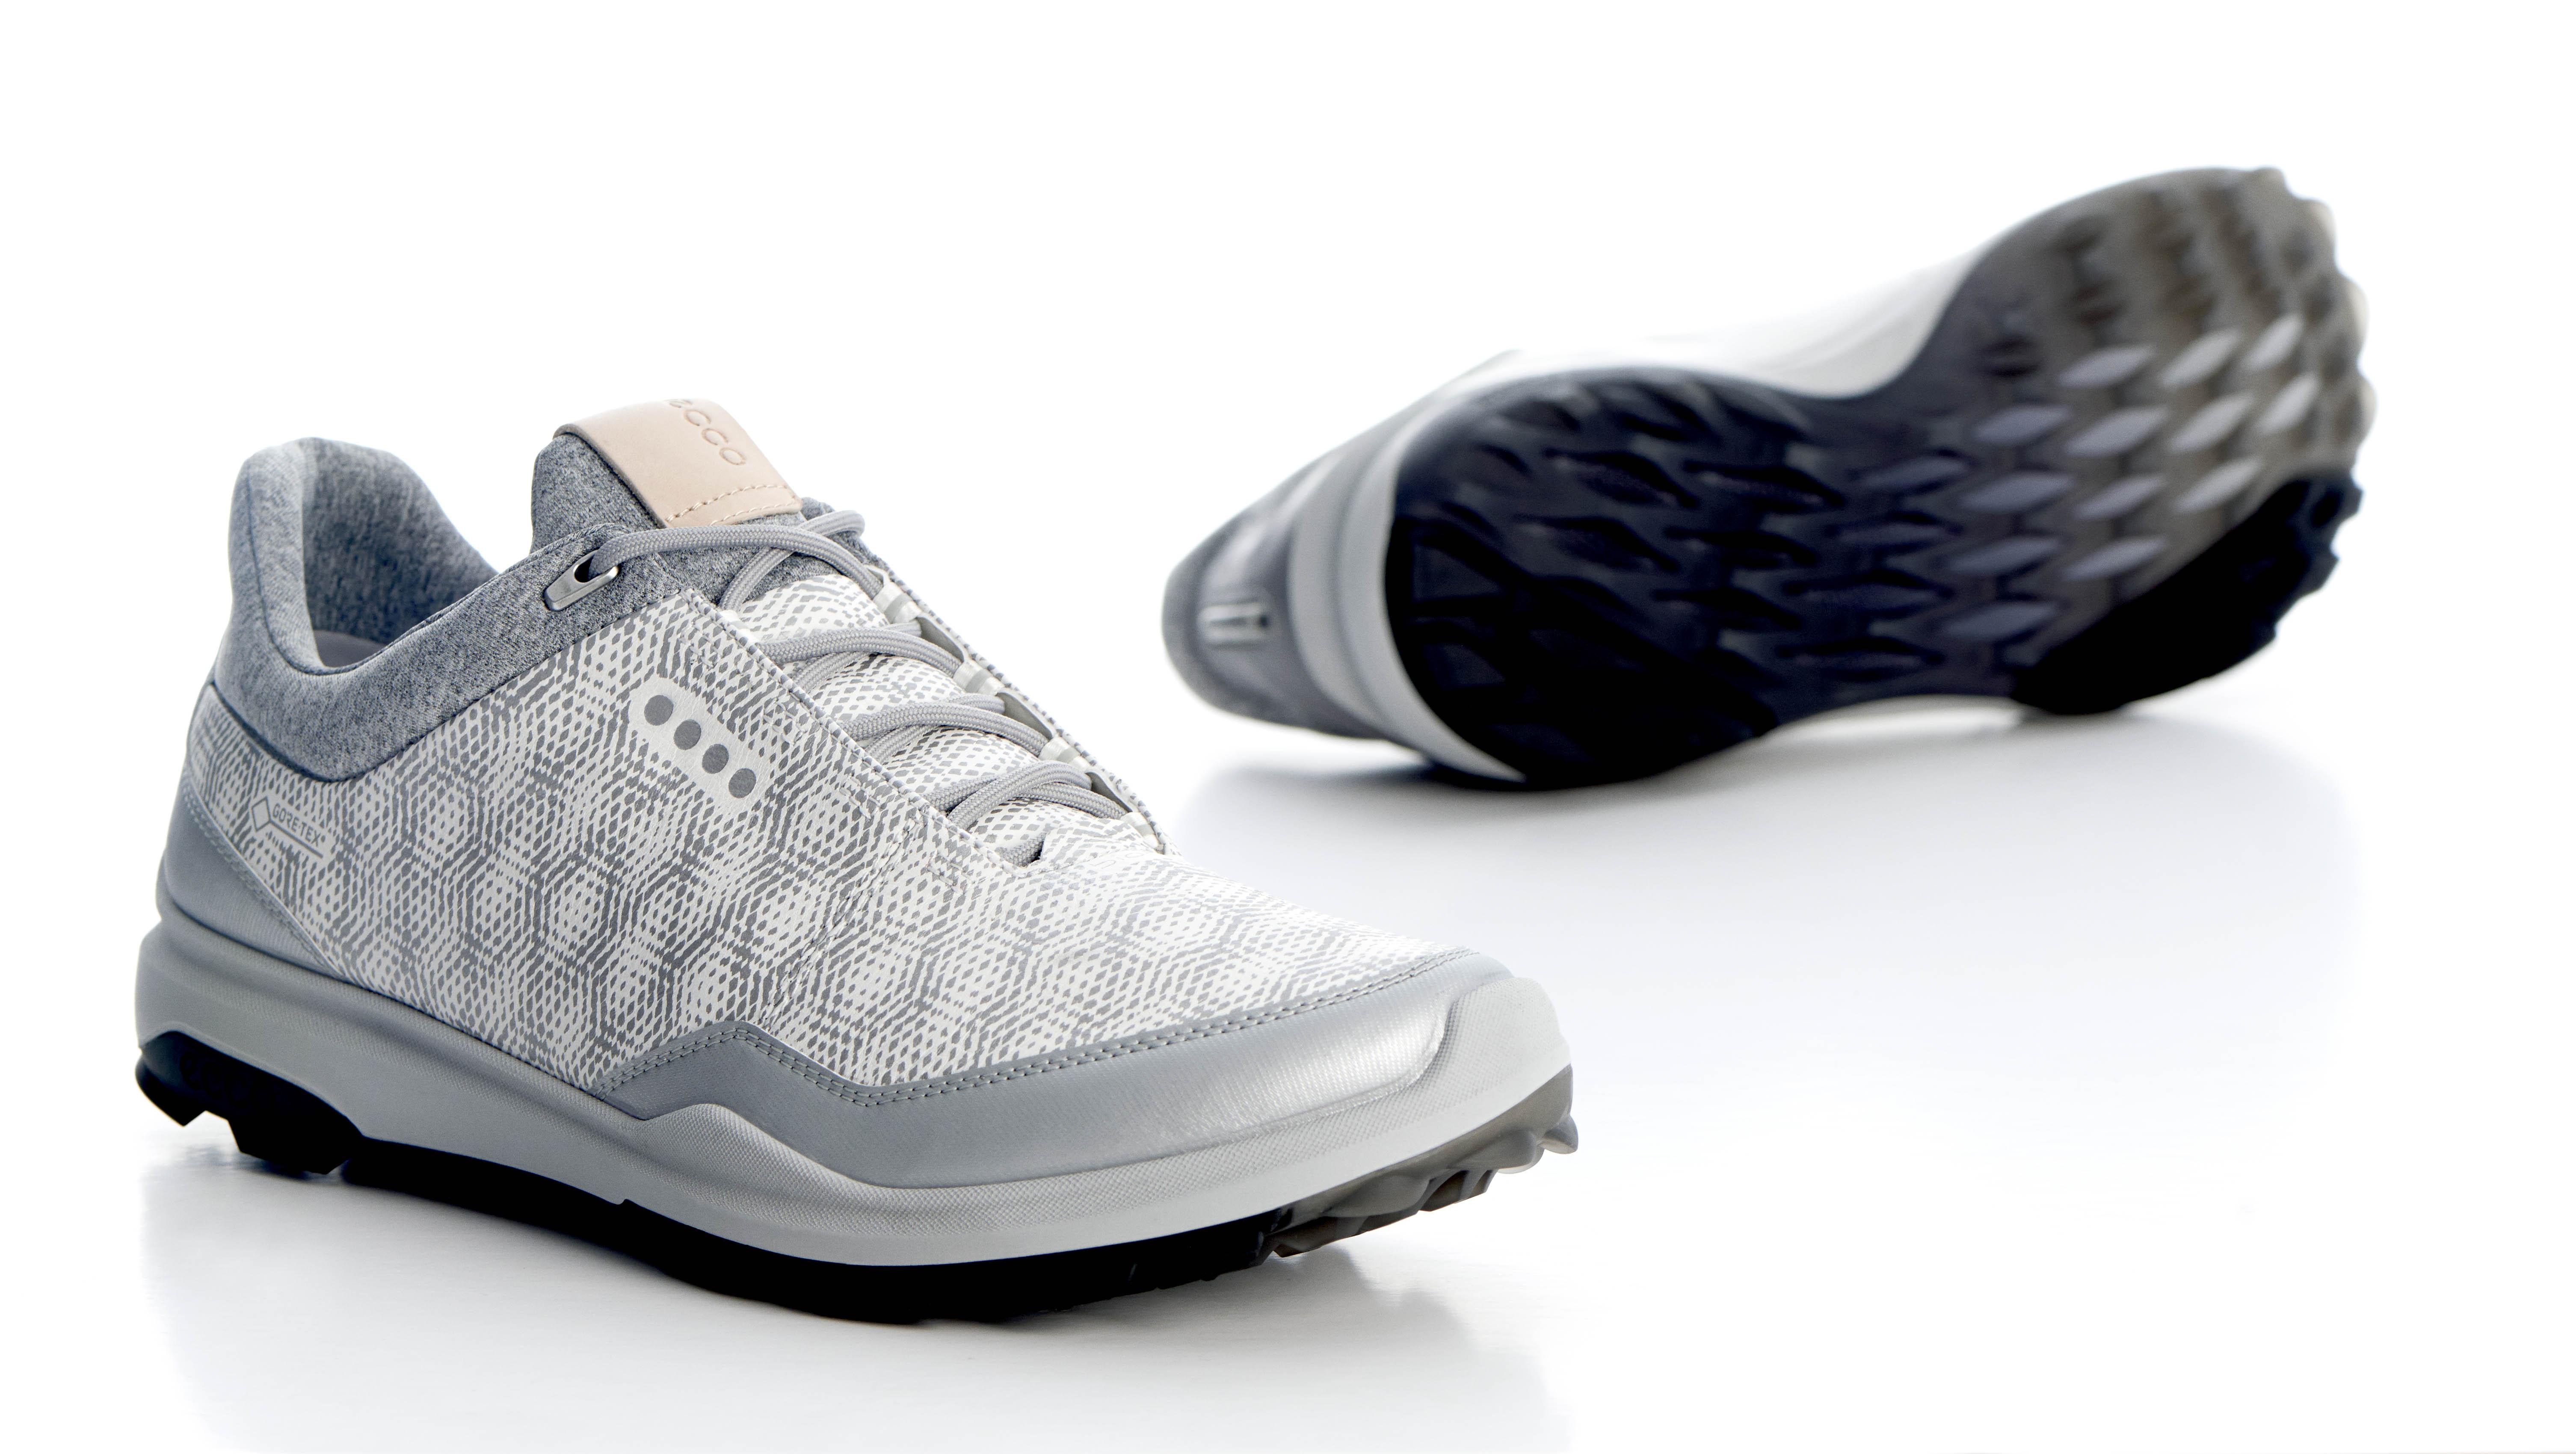 Ecco Shoes Golf Usa